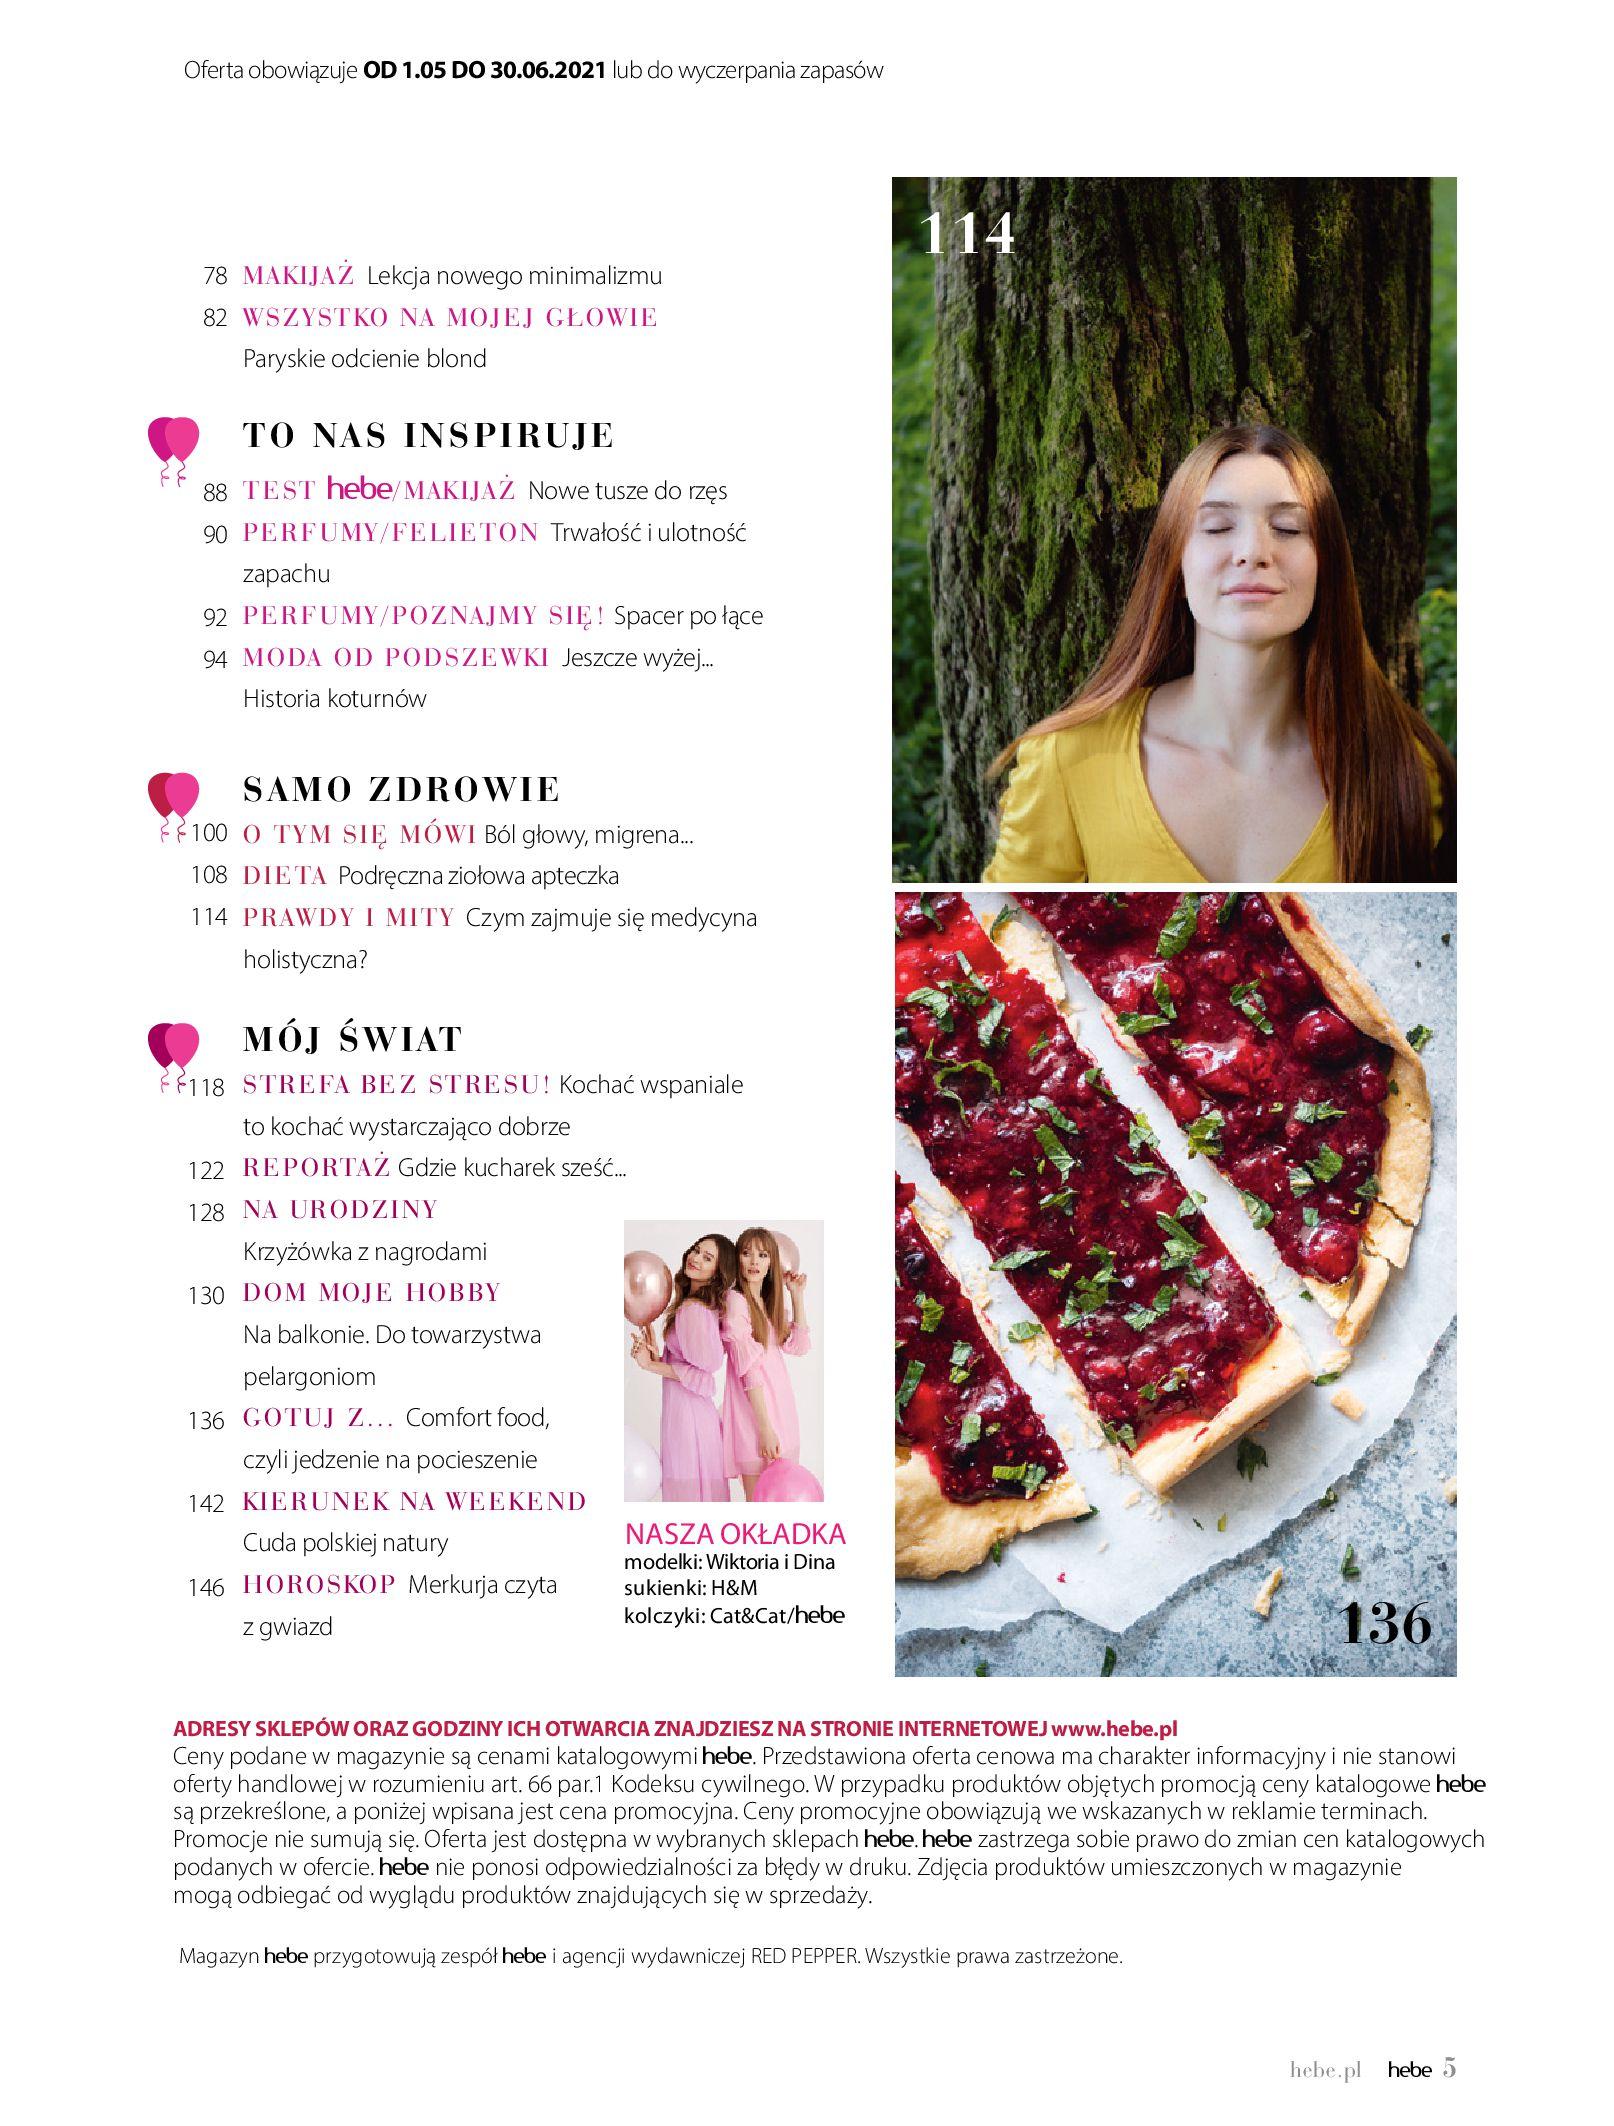 Gazetka hebe: Gazetka Hebe - Magazyn  2021-05-01 page-5